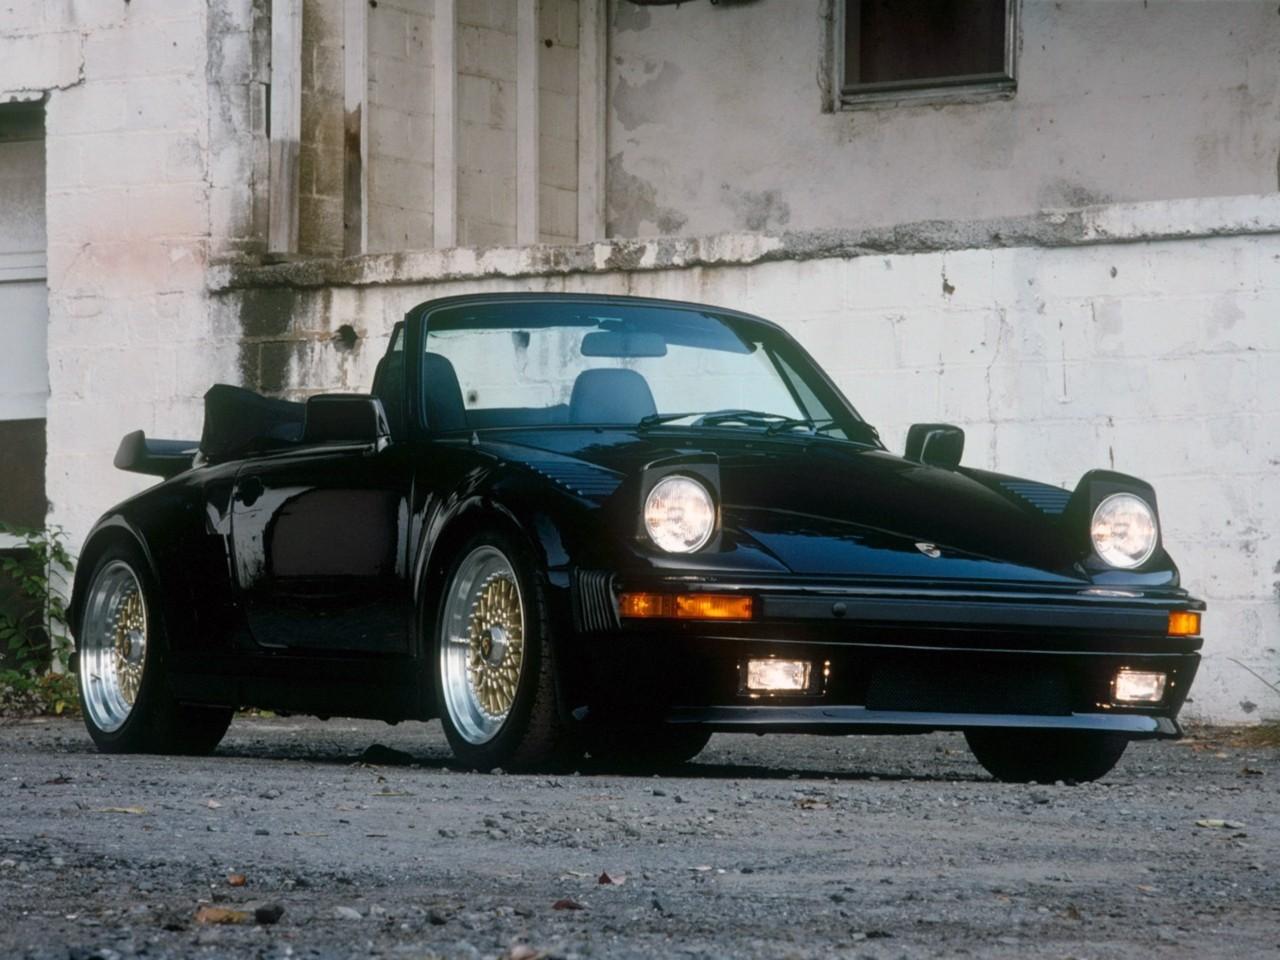 Porsche 911 Turbo Cabriolet Quot Flachtbau Quot 930 1987 1988